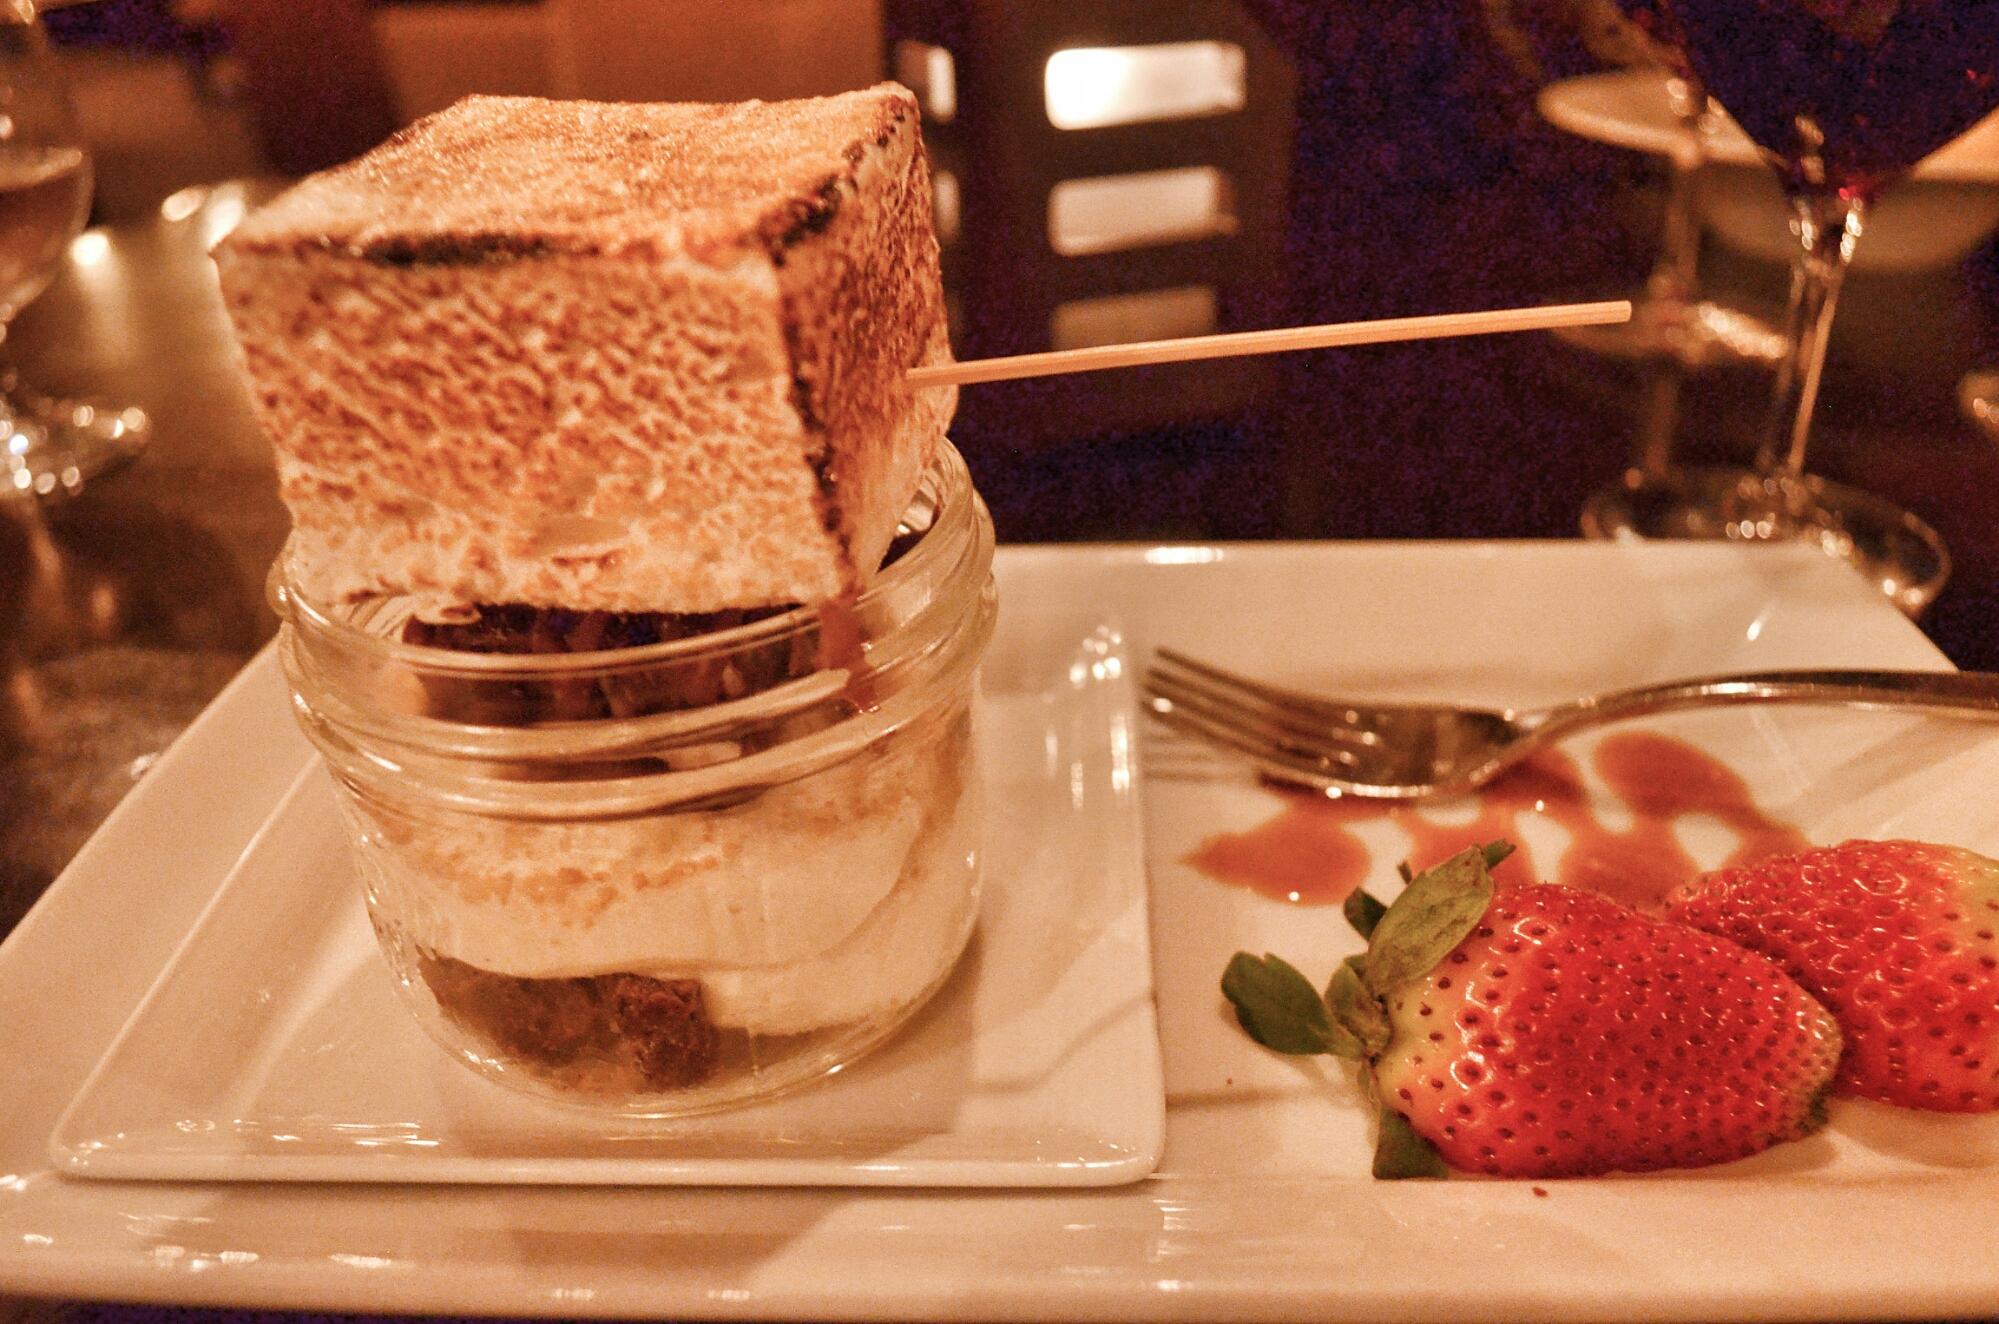 wp image 243345191jpg - Dinner Beyond the Sky | Sky 360 Restaurant Review